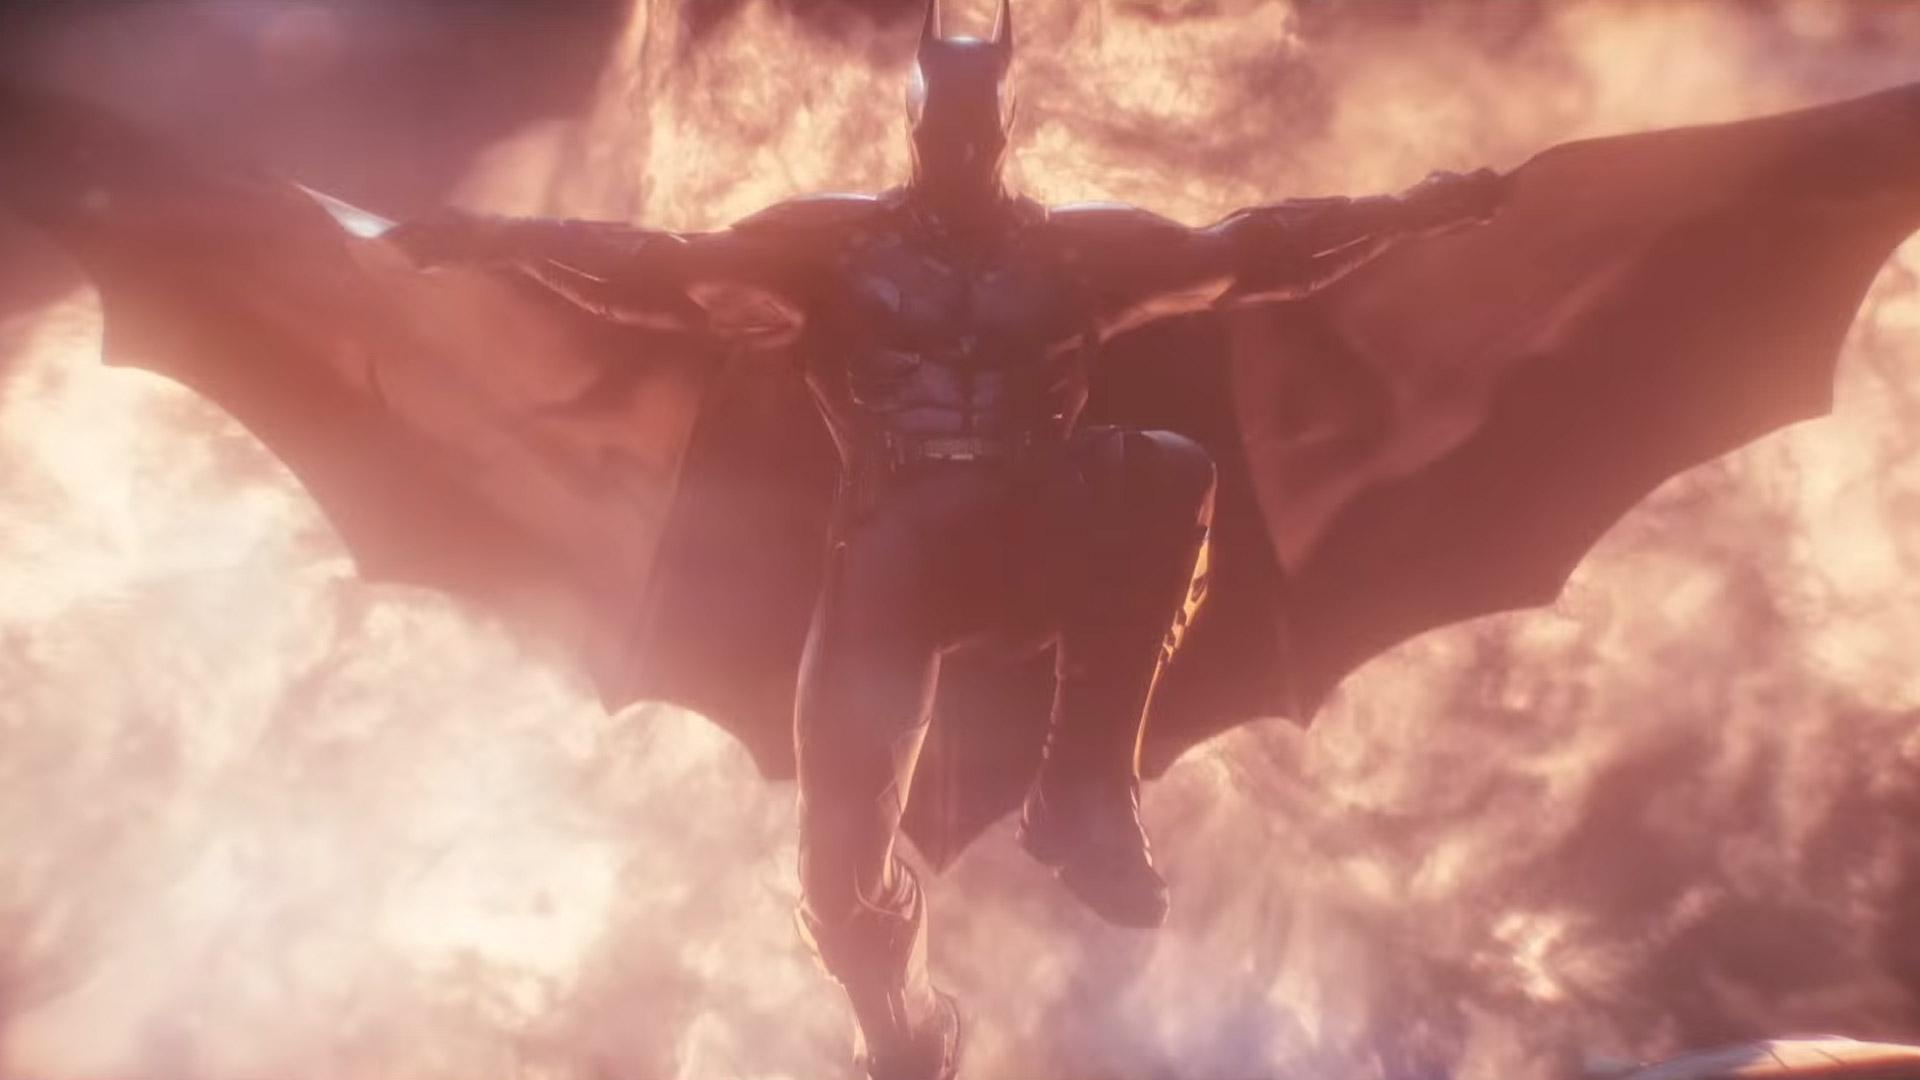 Free Batman: Arkham Knight Wallpaper in 1920x1080